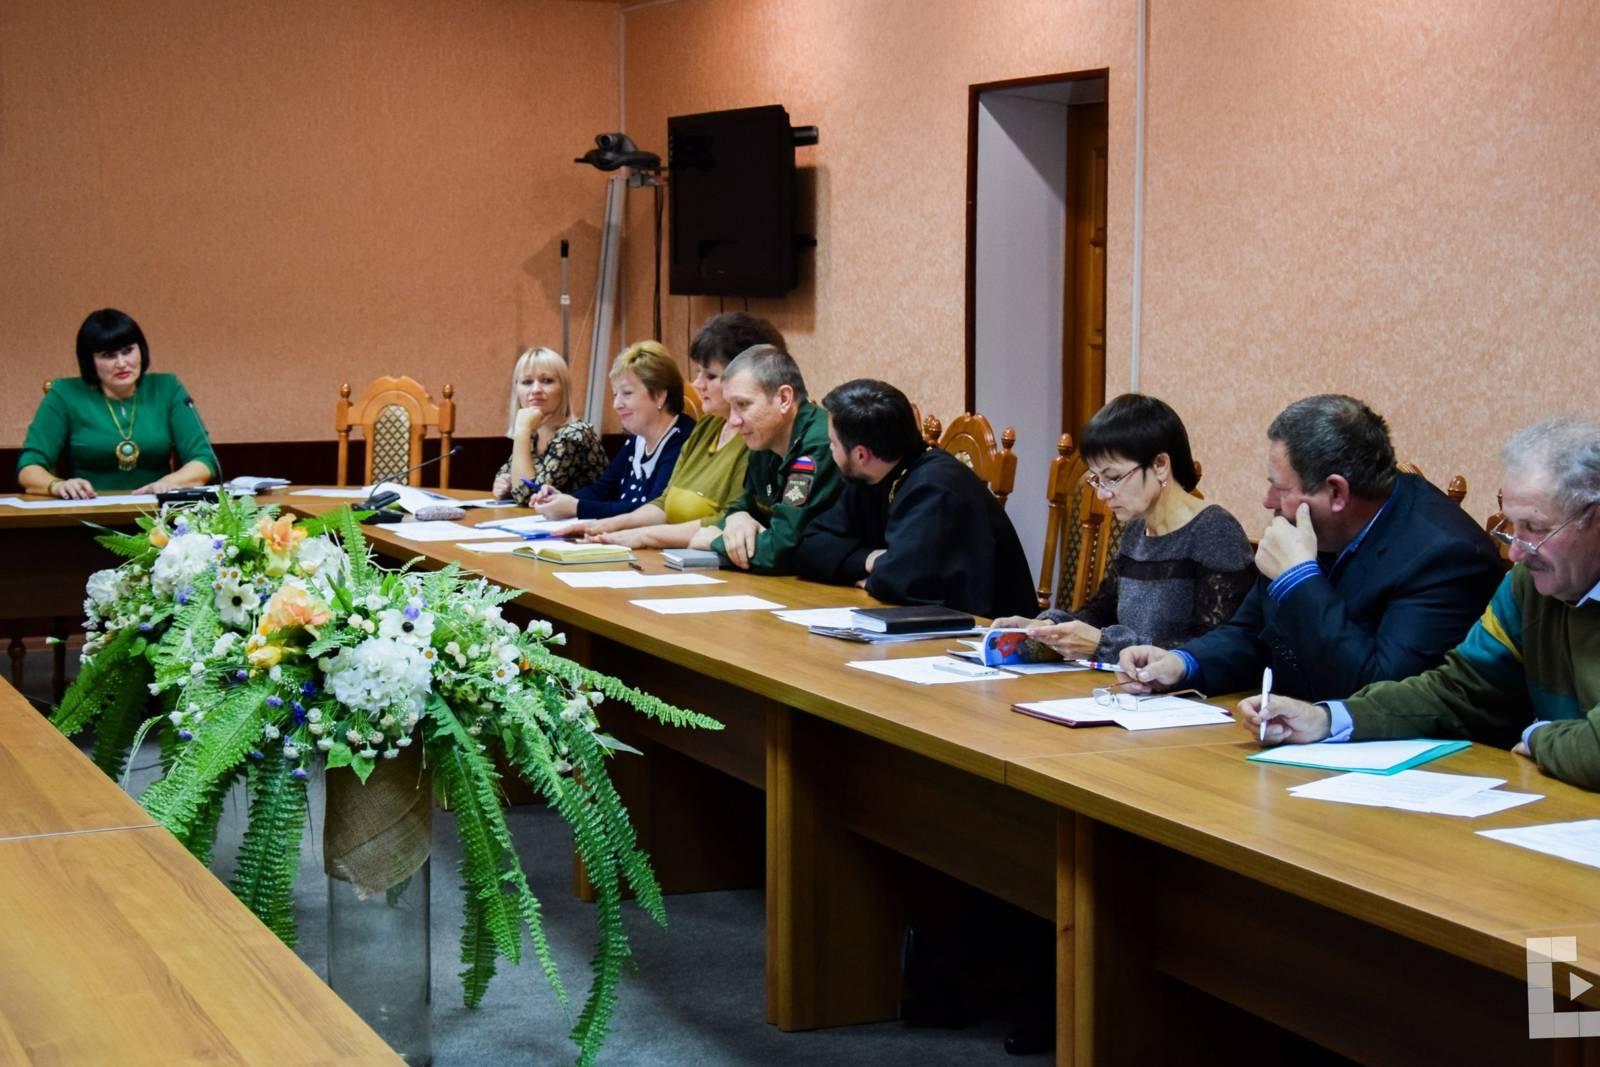 Заседание Координационного Совета по патриотическому воспитанию населения г. Михайловка. - Урюпинская епархия